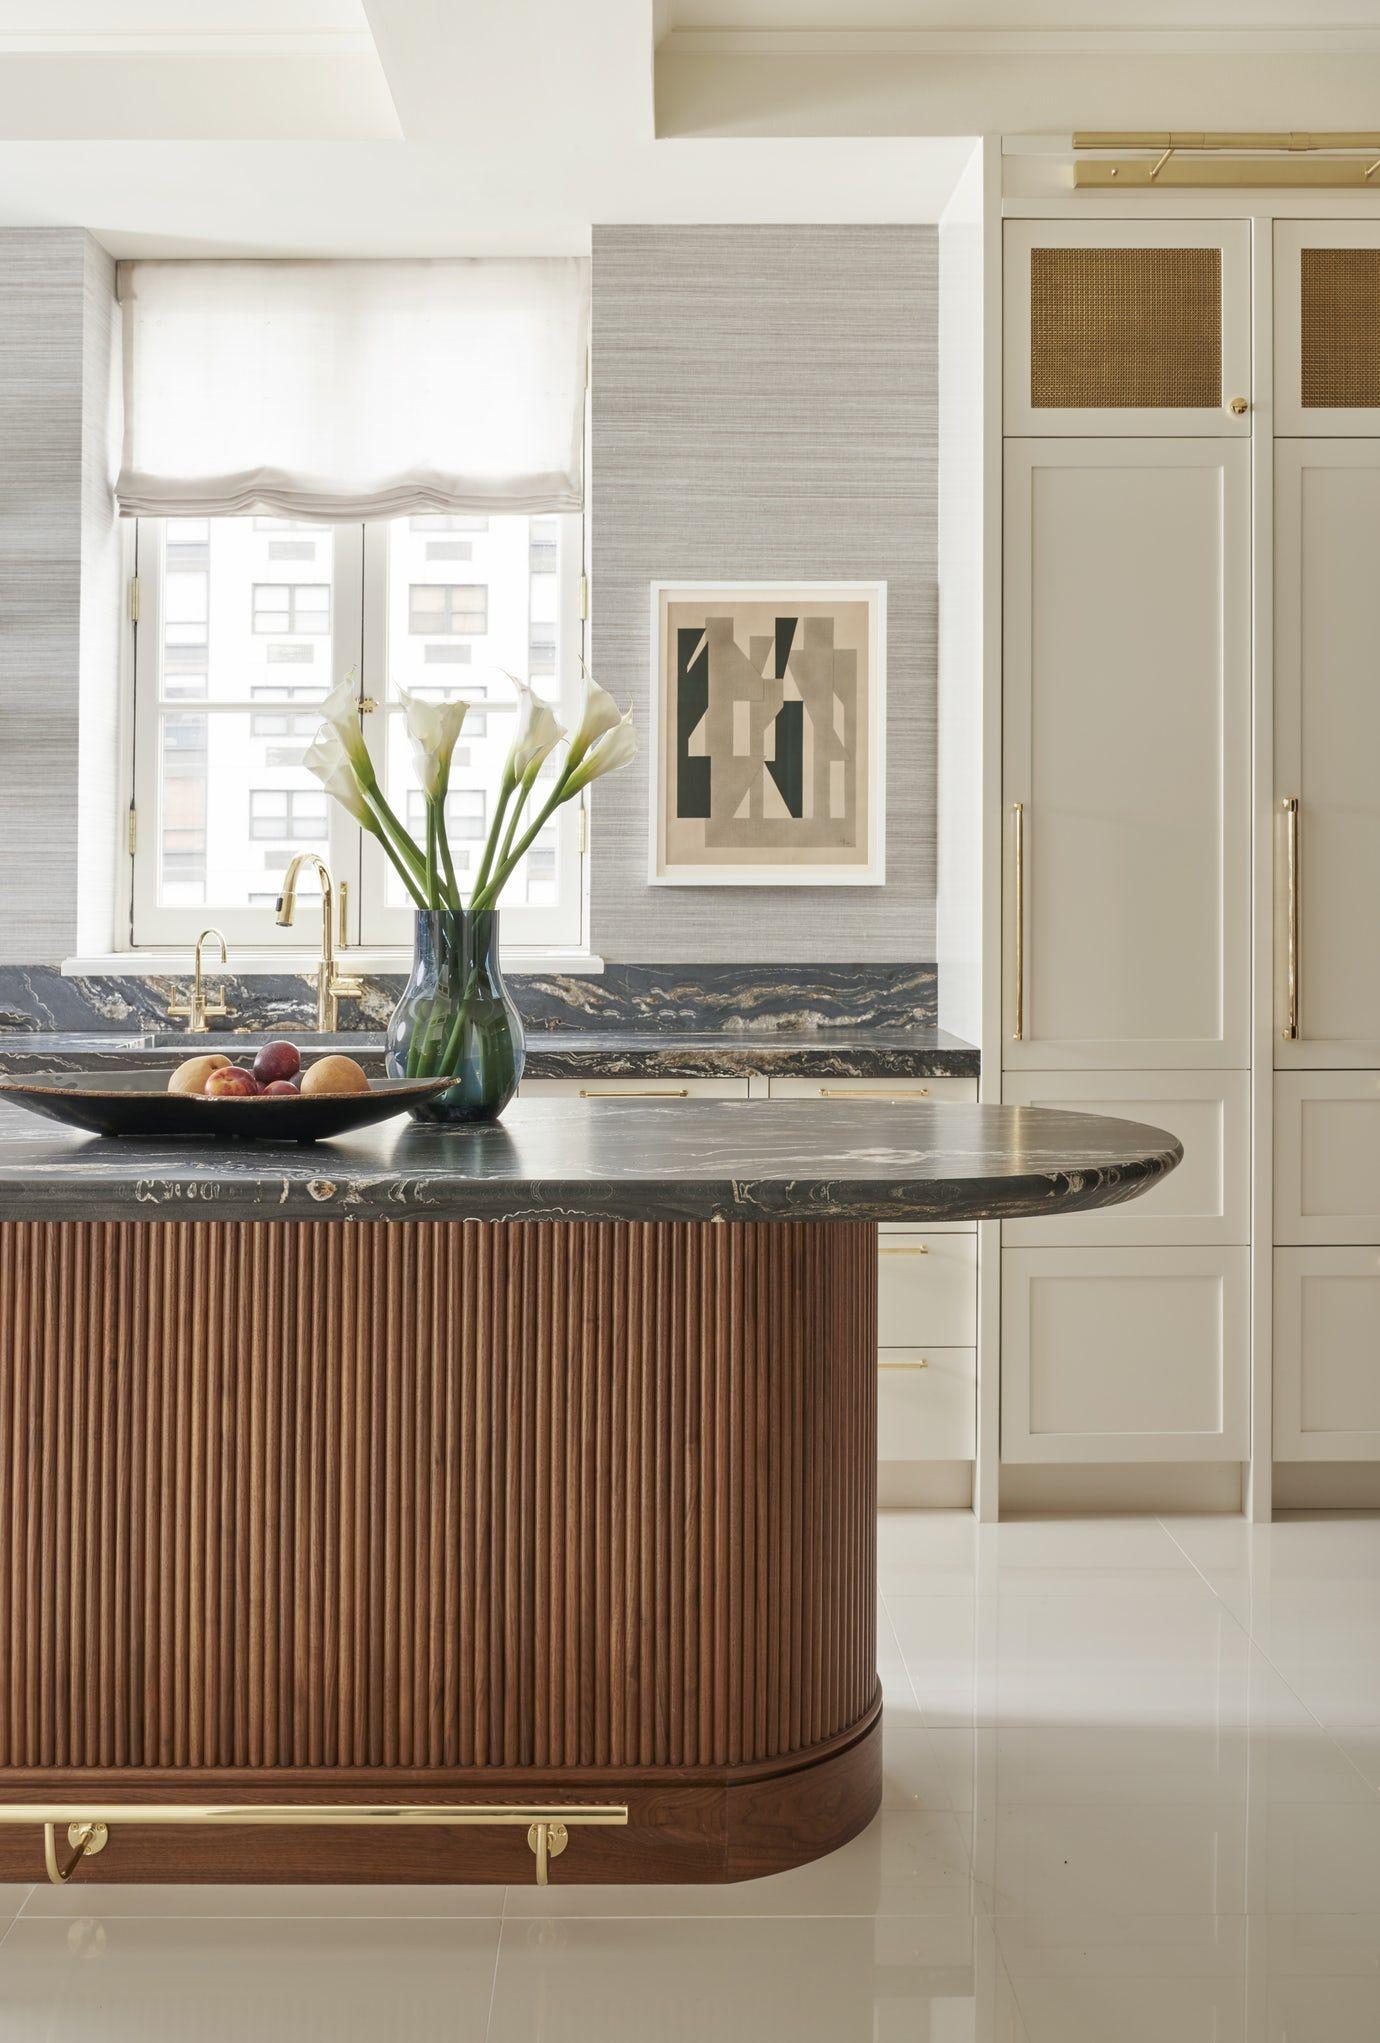 Chicago Lux, Art Deco, White Kitchen, Modern, Contemporary, Tambour, Gold Detail Kitchen Design Detail Contemporary Modern Art Deco by BK Interior Design #artdecointerior